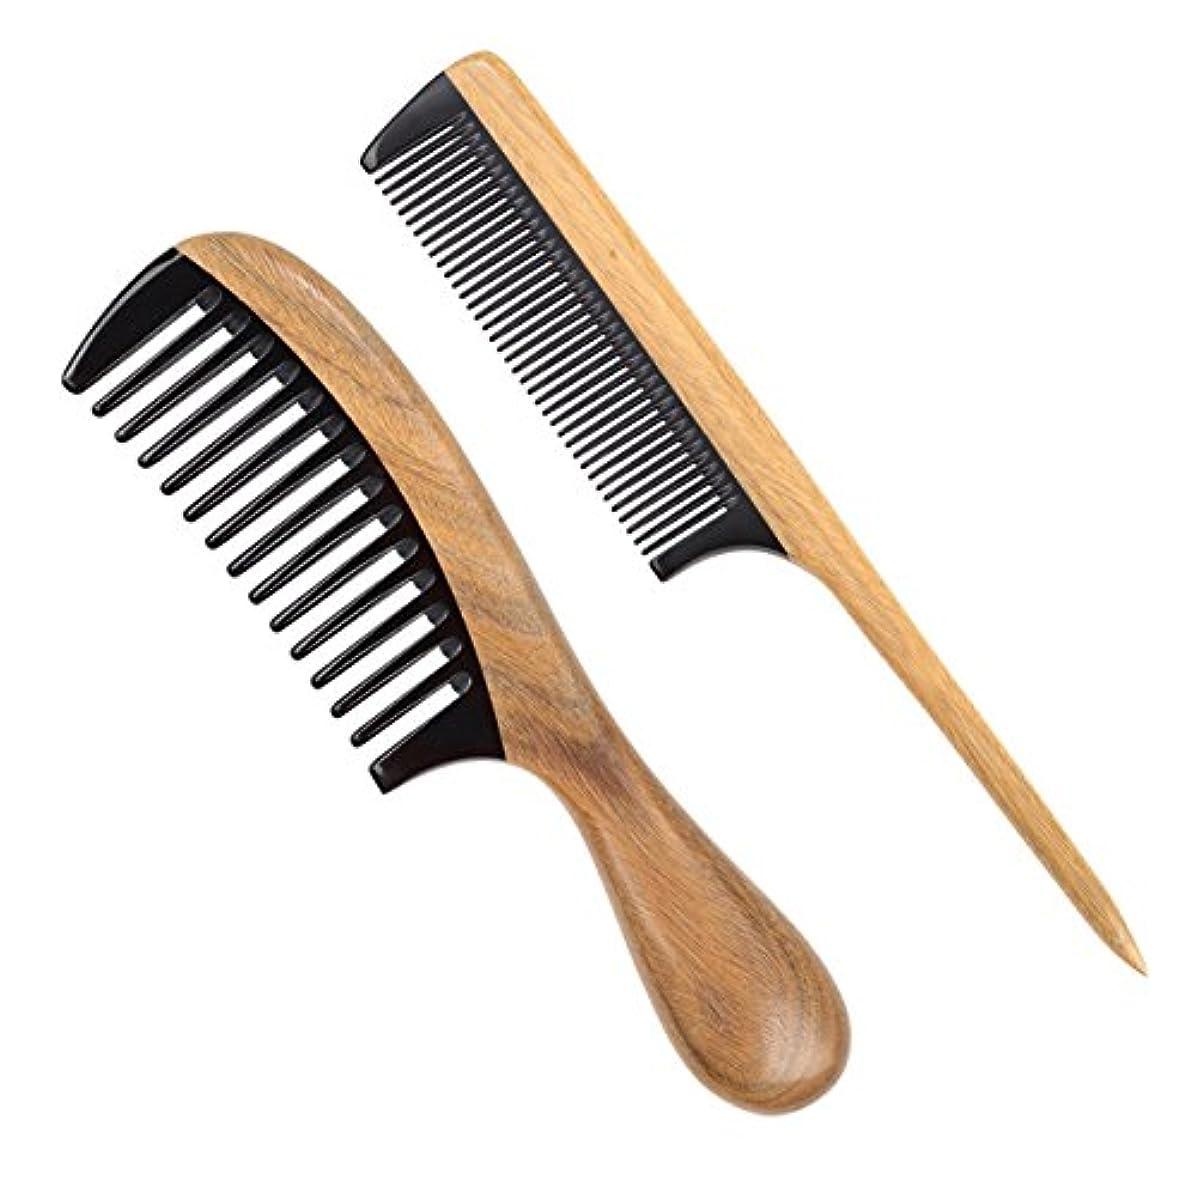 お互い農民セッティング木製の櫛セット(2個)木製の櫛広い歯と細かい歯の木製の櫛、緑のサンダルウッドアンチスタティックデタングルリングホーンの櫛女性、男性と女の子、厚く、